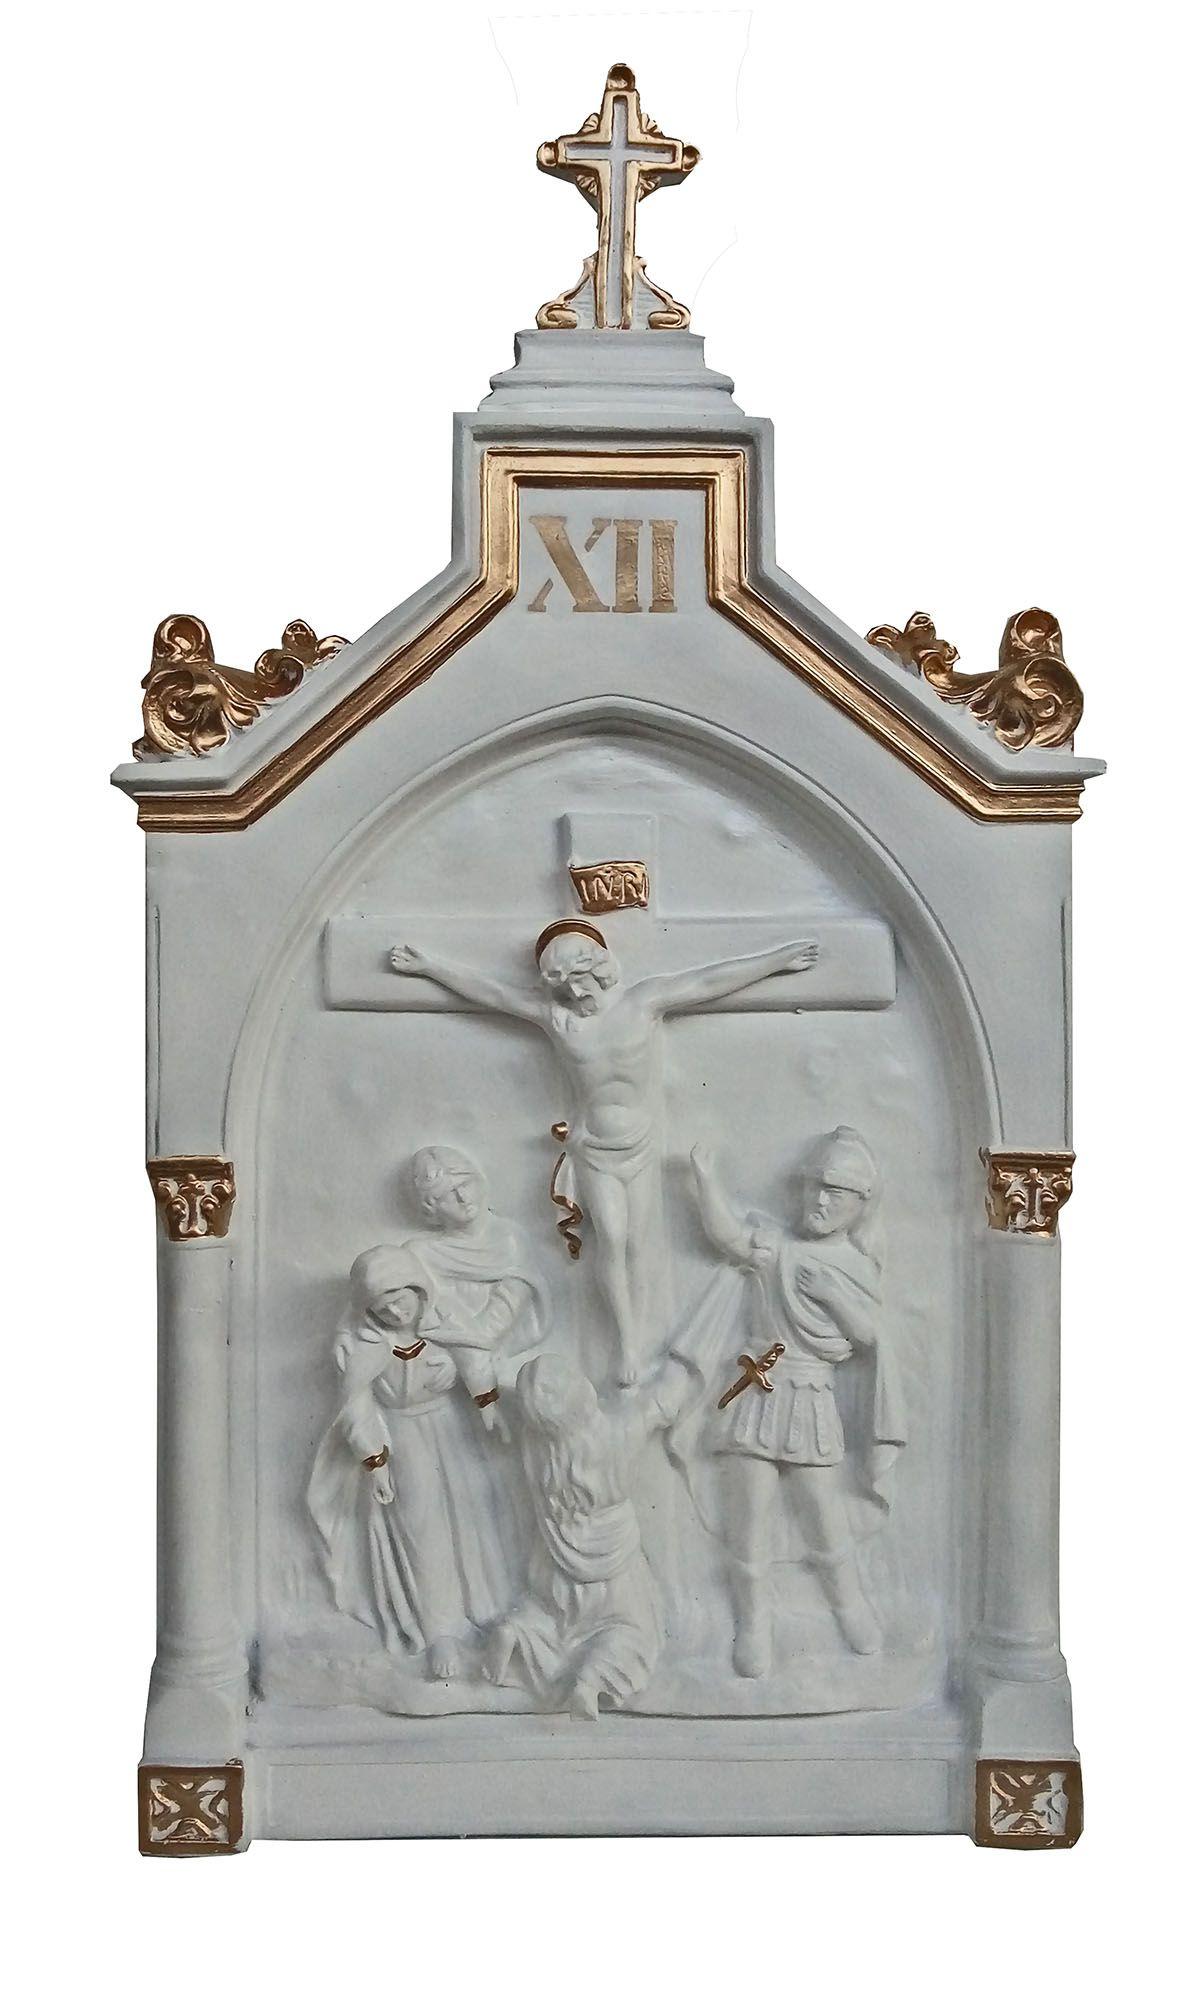 Via Sacra G. (branca e dourada) - 90 cm x 50 cm